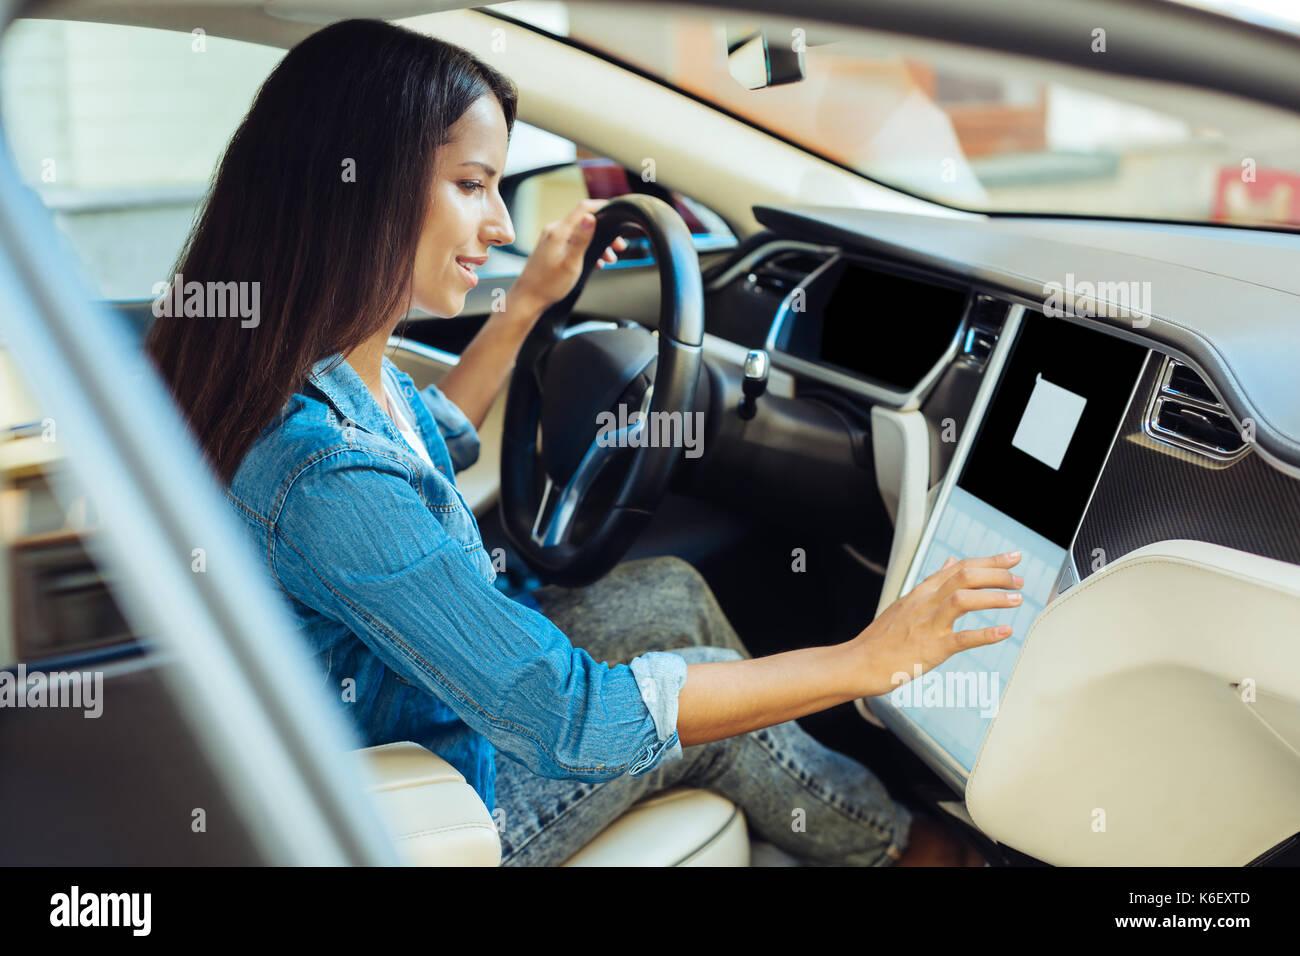 Woman Starting Car Stock Photos & Woman Starting Car Stock